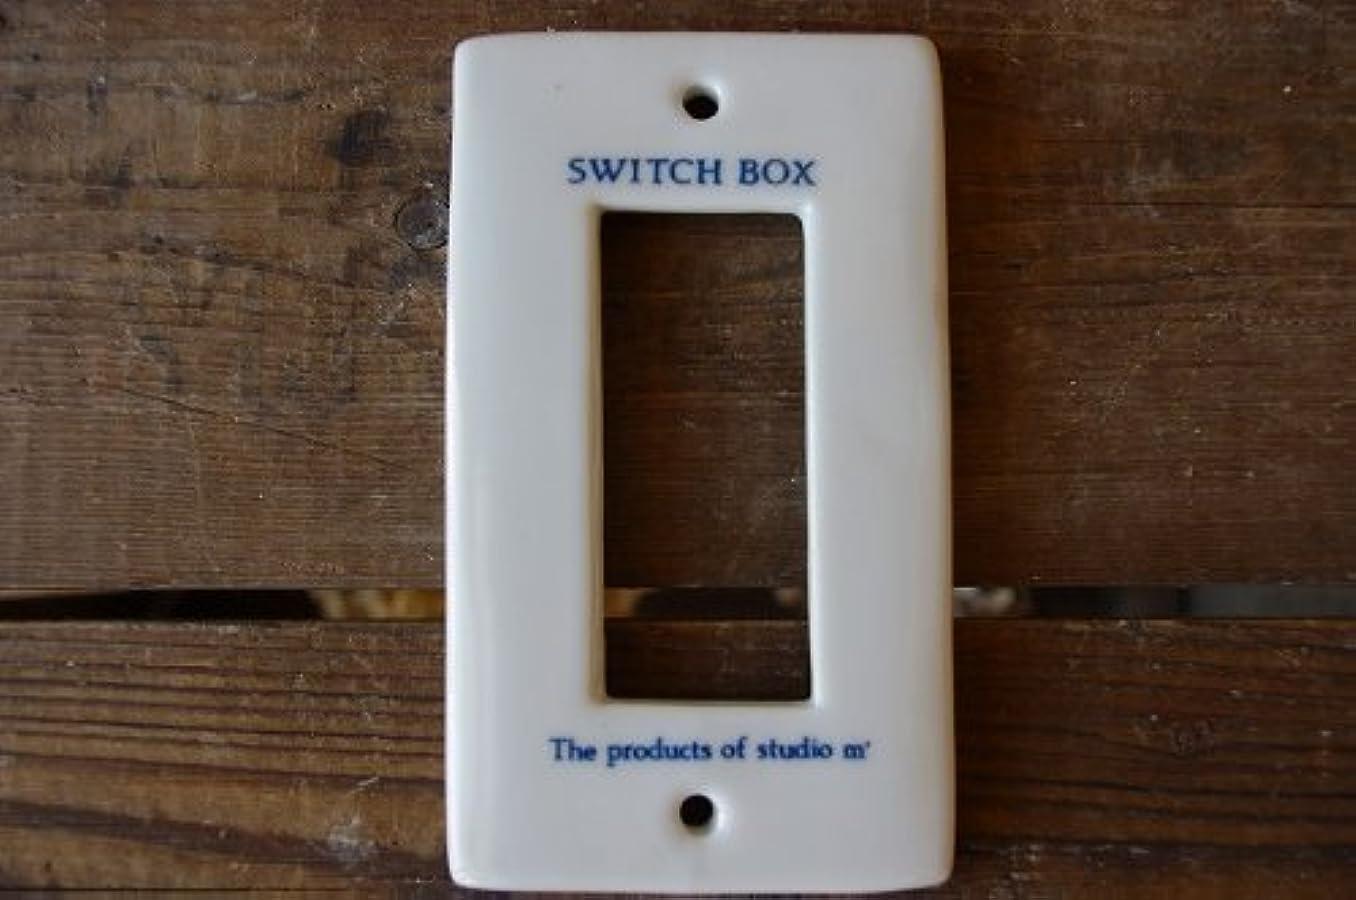 極めて重要な無一文くしゃくしゃスタジオエム スイッチプレート陶器 switch box スイッチボックスカバー (3穴)